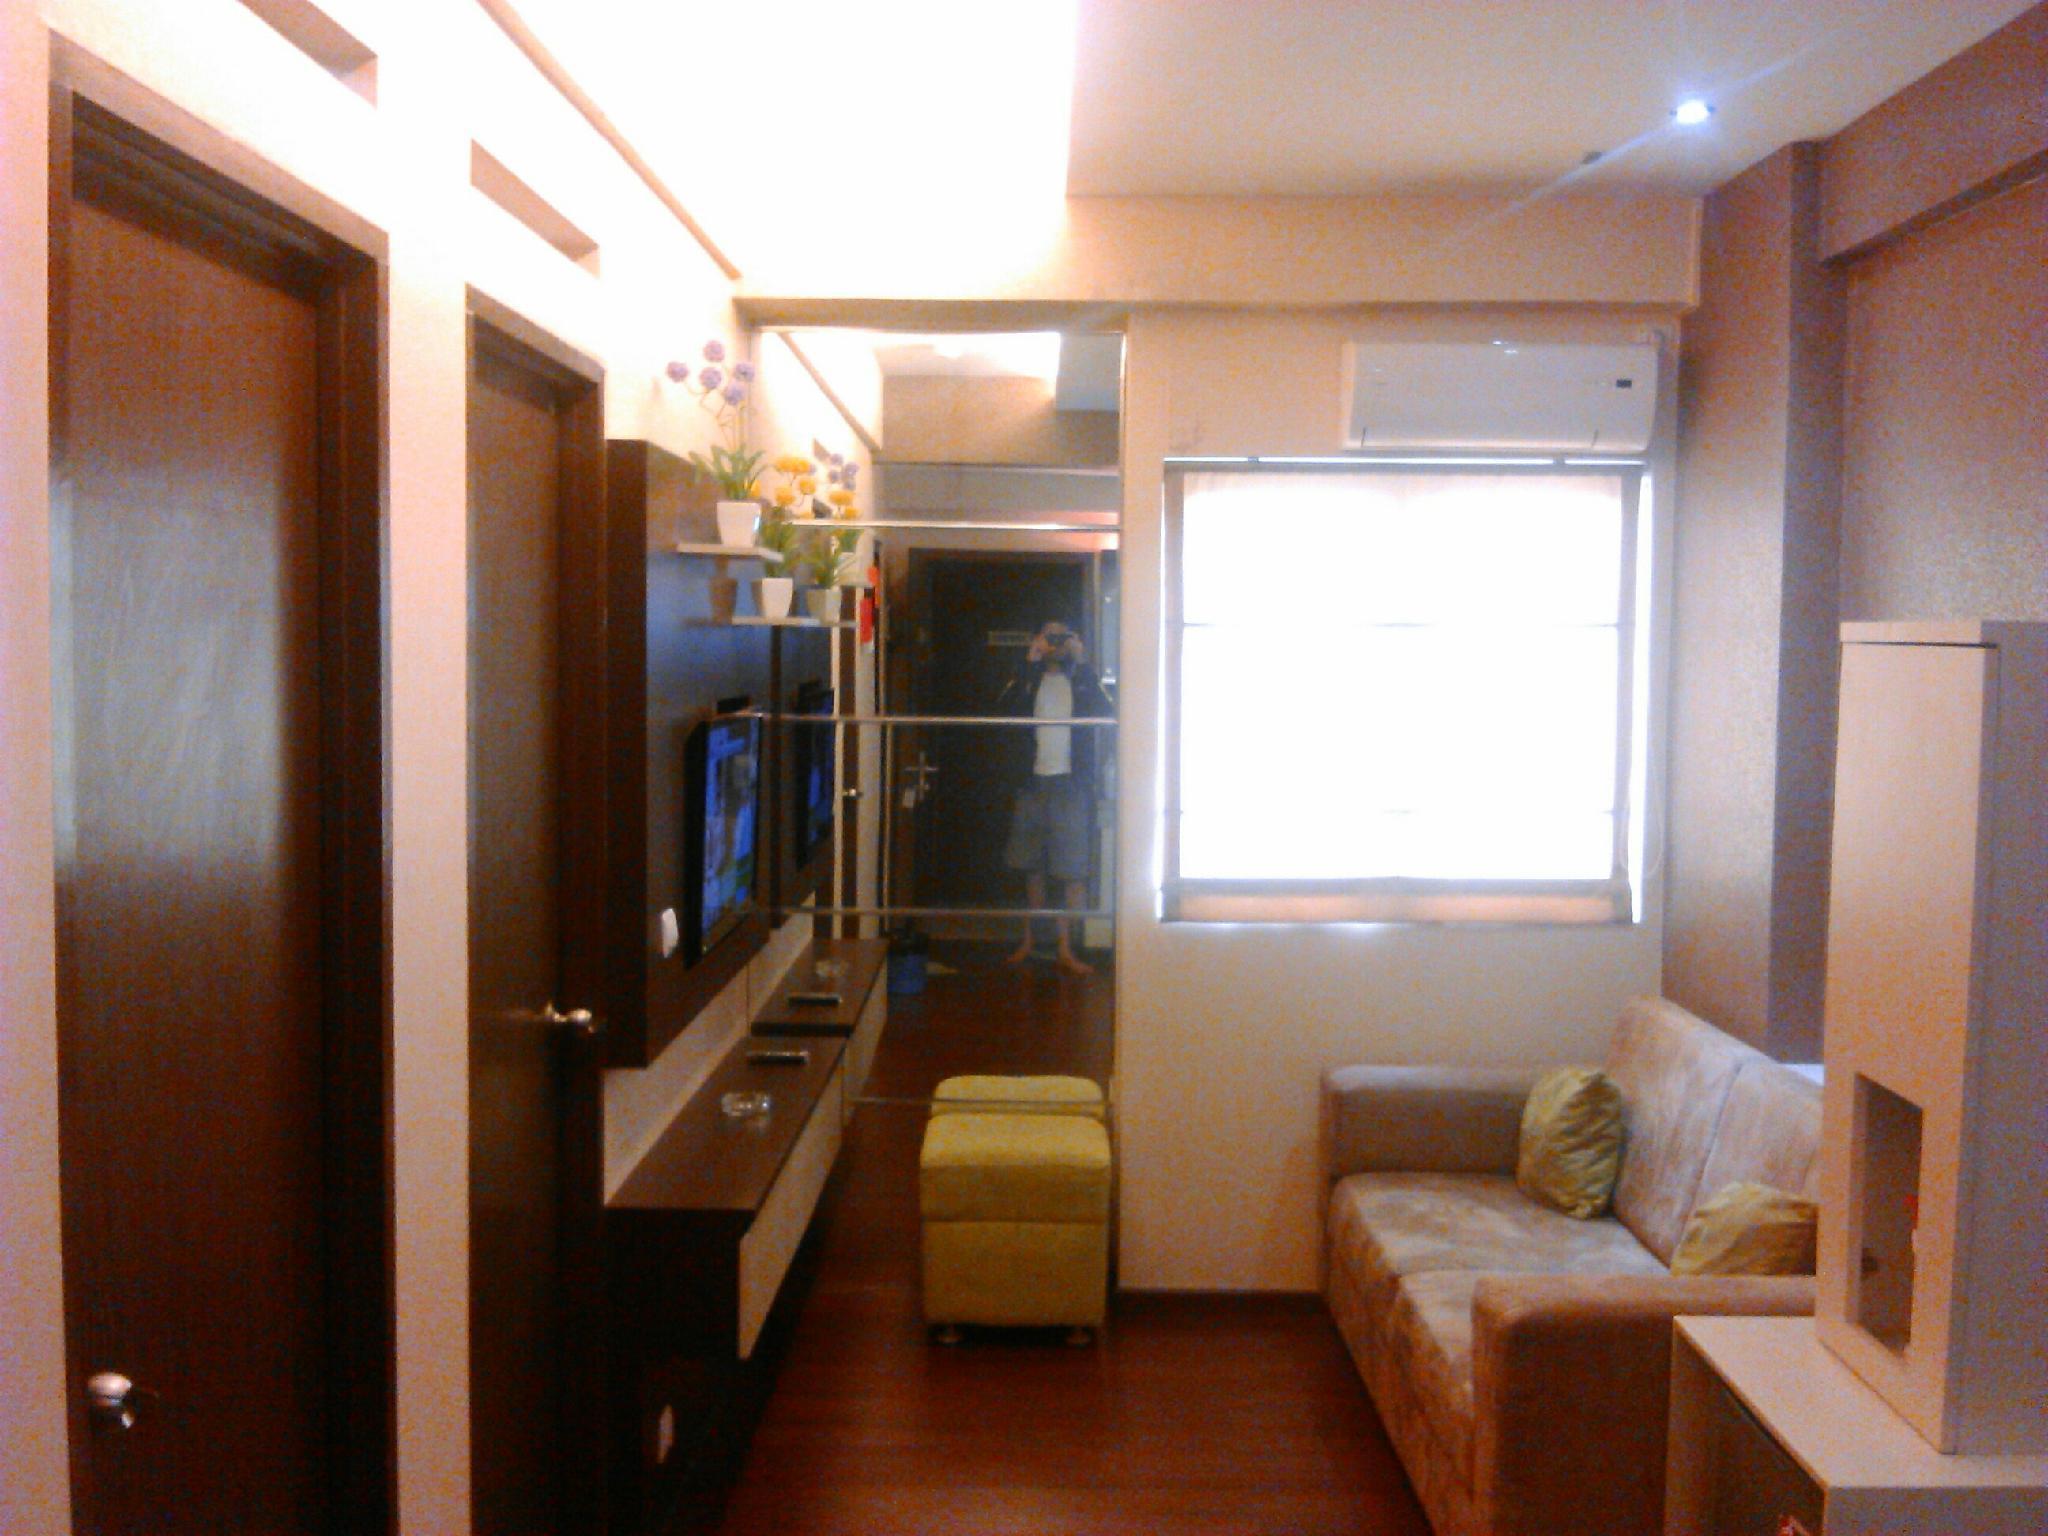 2Bedroom Plus The Suites Metro Apartment   Yudis